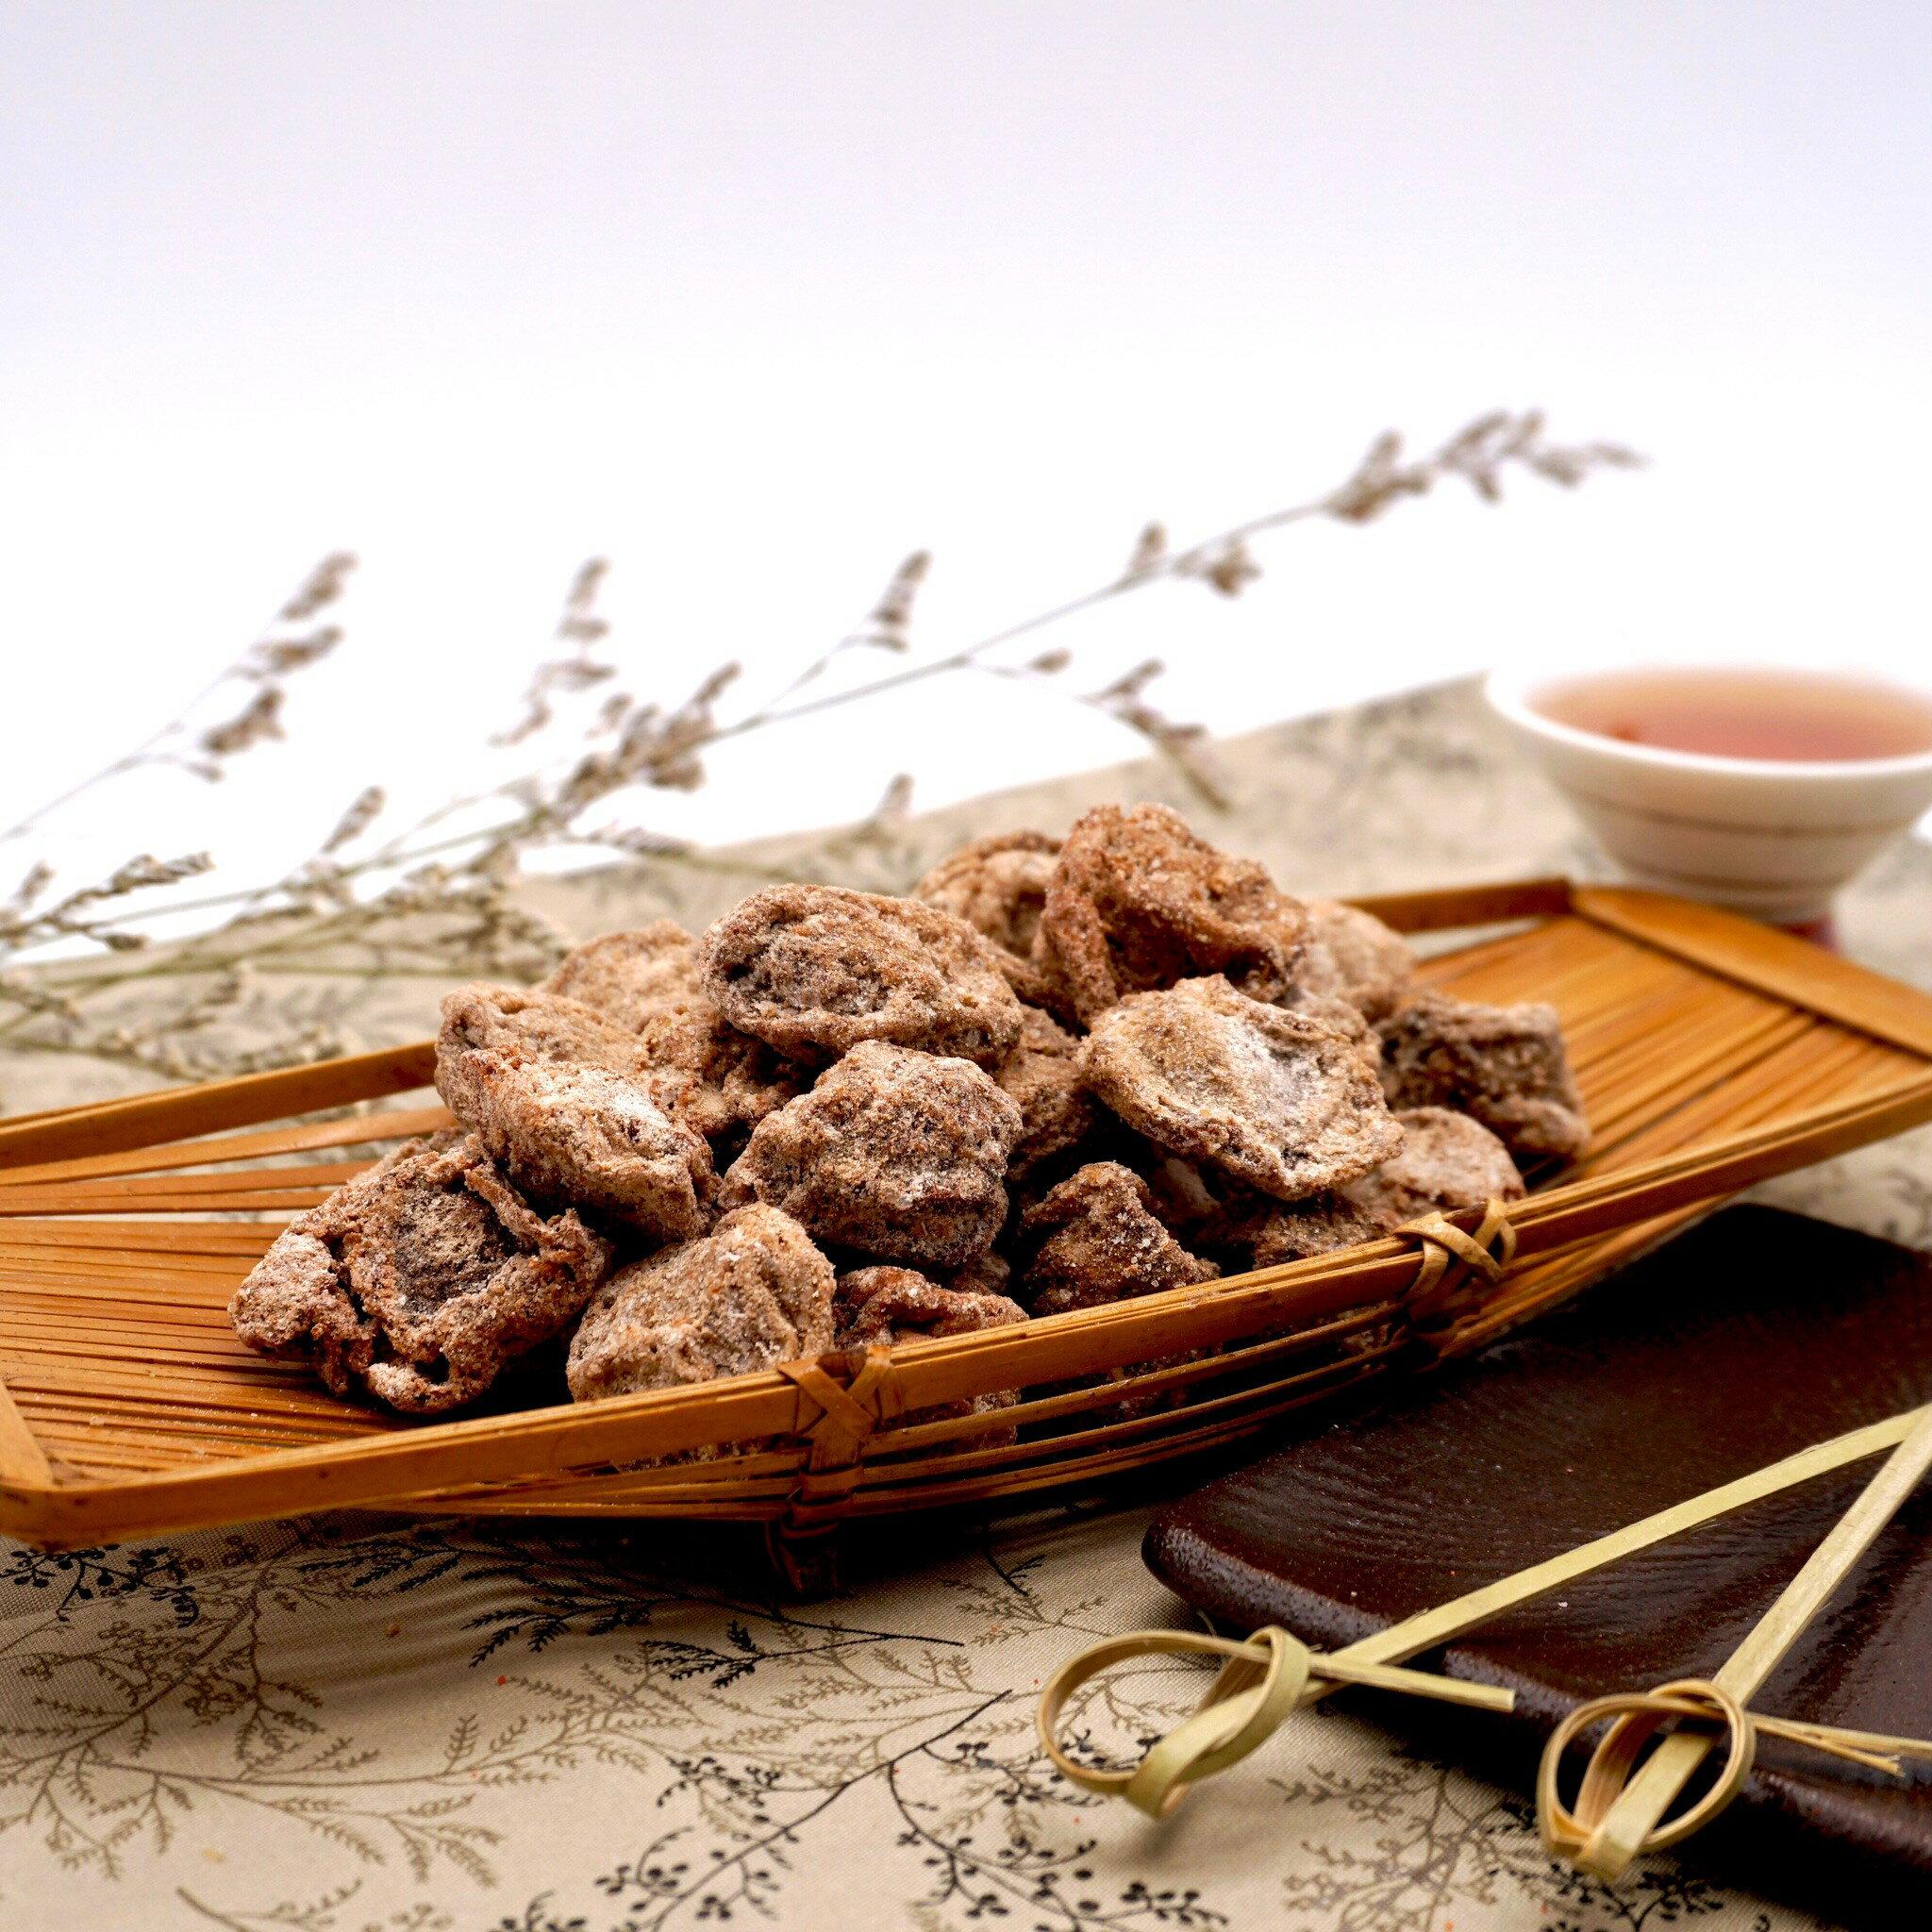 嘴甜甜 白話梅 200公克 蜜餞系列 紅話梅 泡茶 梅子 調理話梅 蜜餞 果乾 古早味零食 台灣蜜餞 青梅 黃梅 素食 現貨